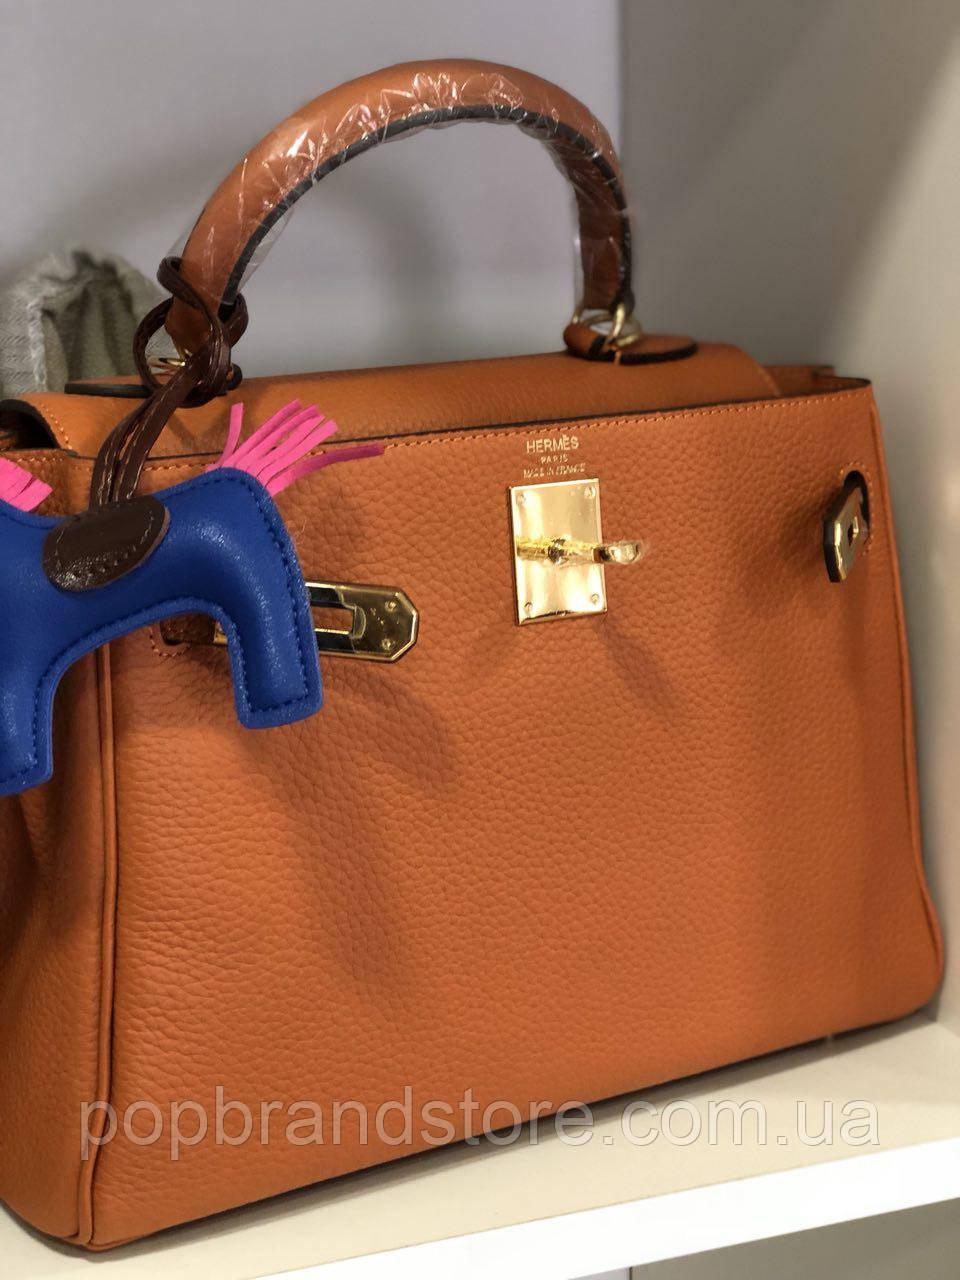 b4393d81feda Женская сумка Гермес Келли 28 см натуральная кожа (реплика): продажа ...